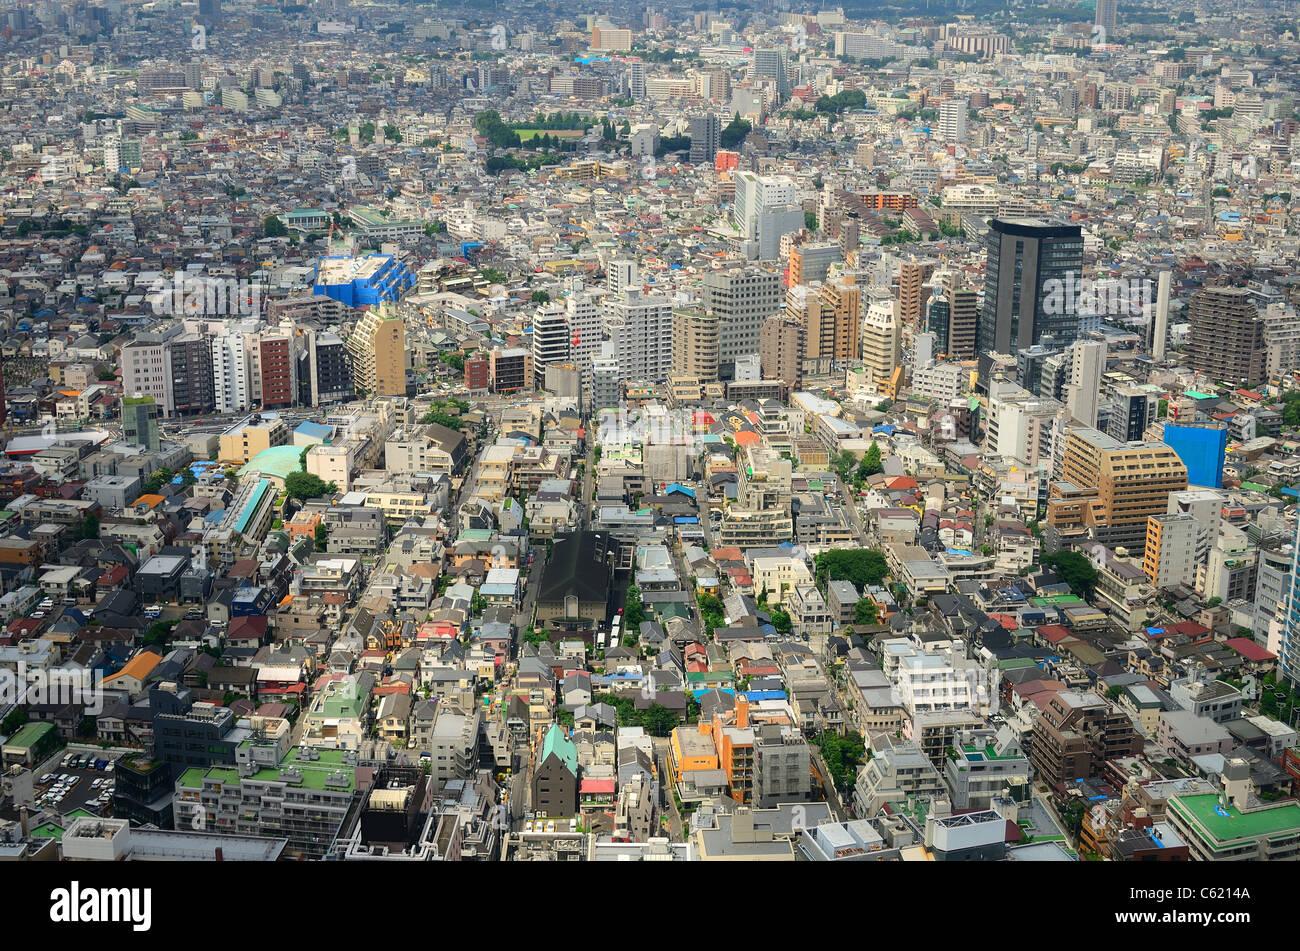 Vista de la expansión urbana en Tokio, Japón. Imagen De Stock